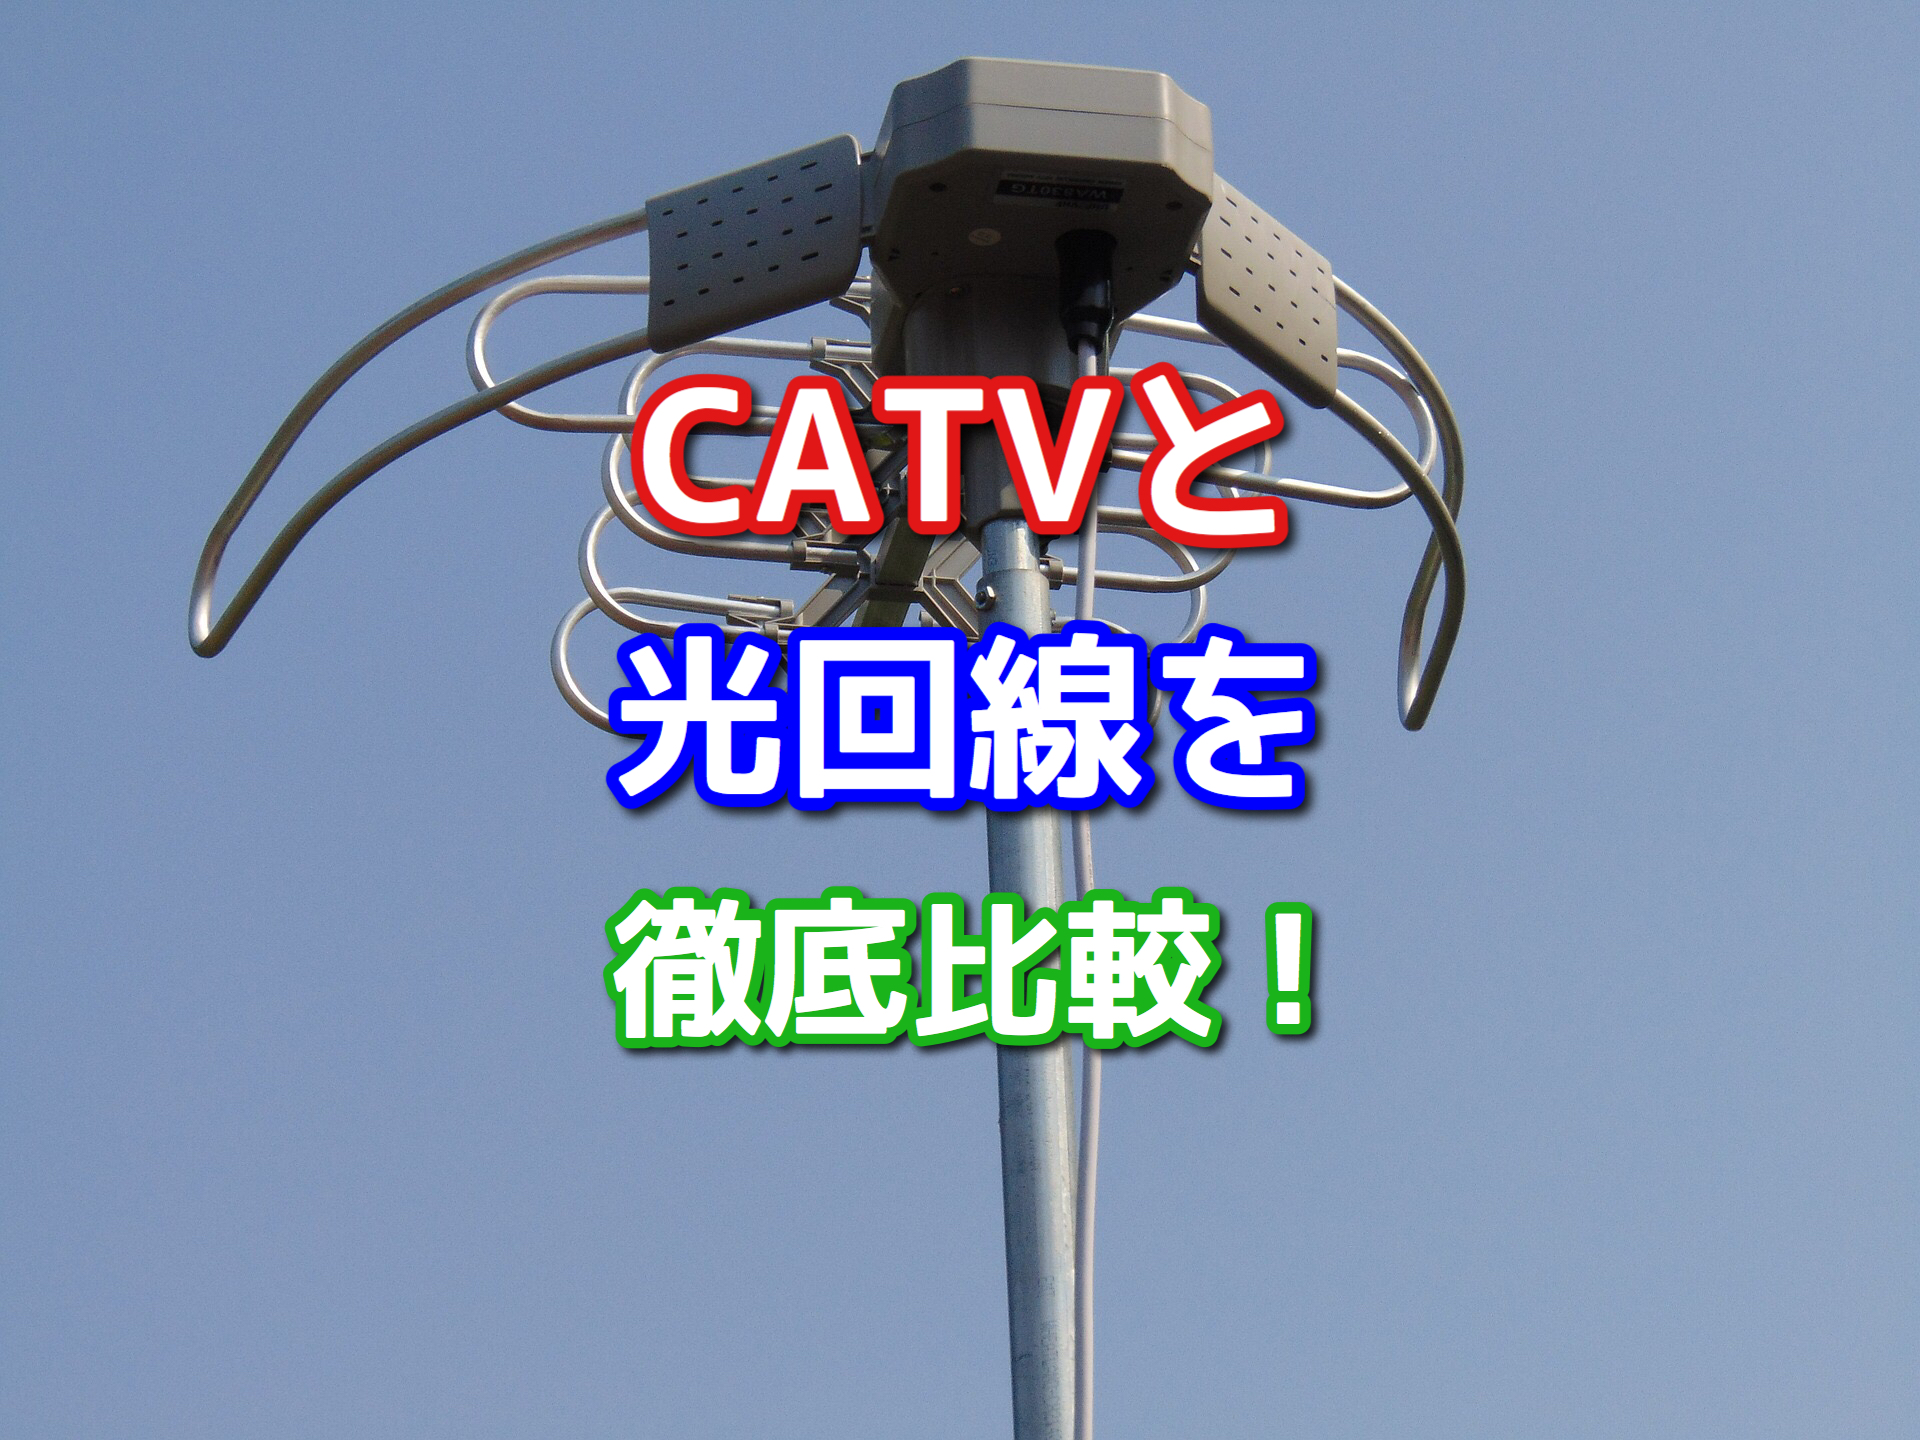 テレビ ビビック 光